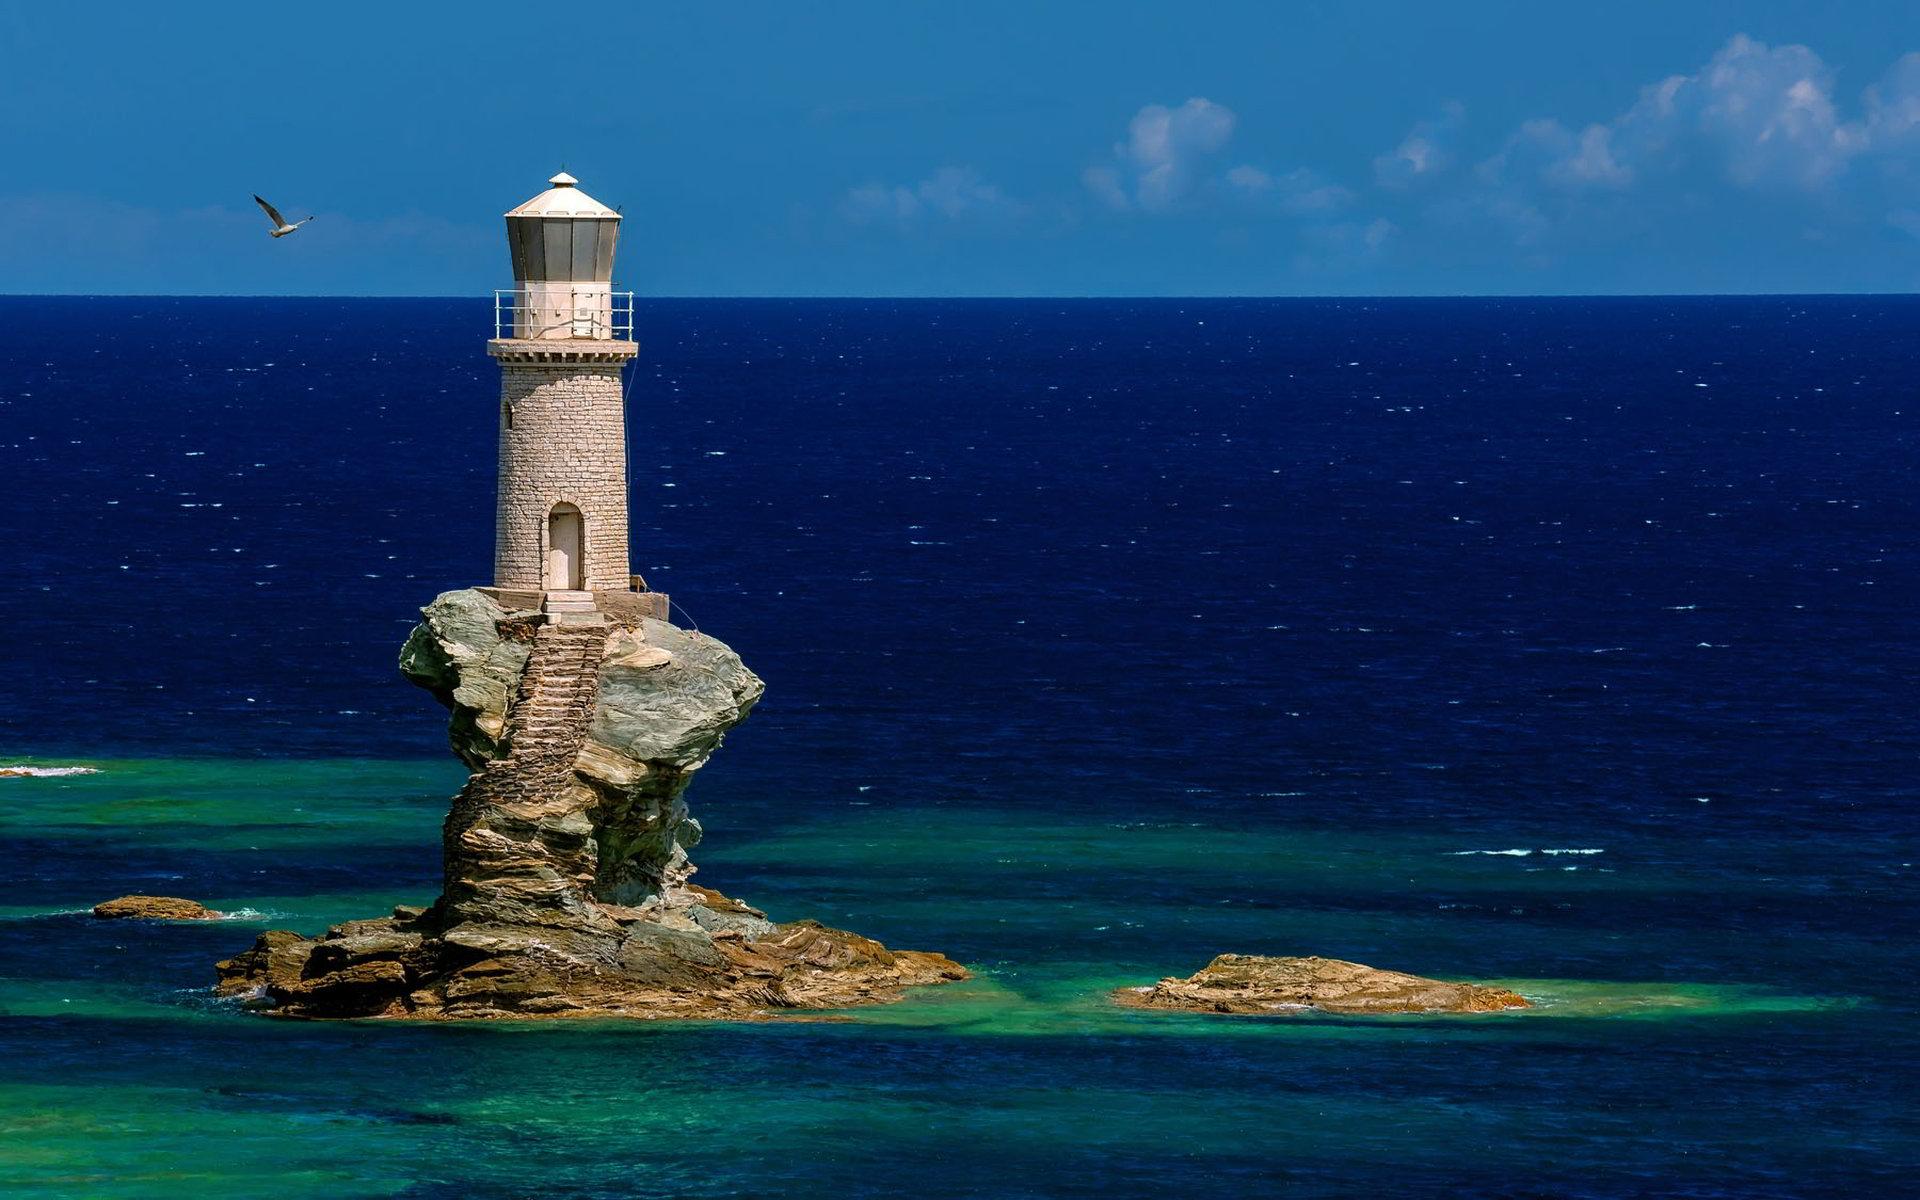 Φάρος - παραδοσιακό μνημείο, ασφάλεια ναυσιπλοΐας, σημείο αναφοράς ναυτιλλομένων